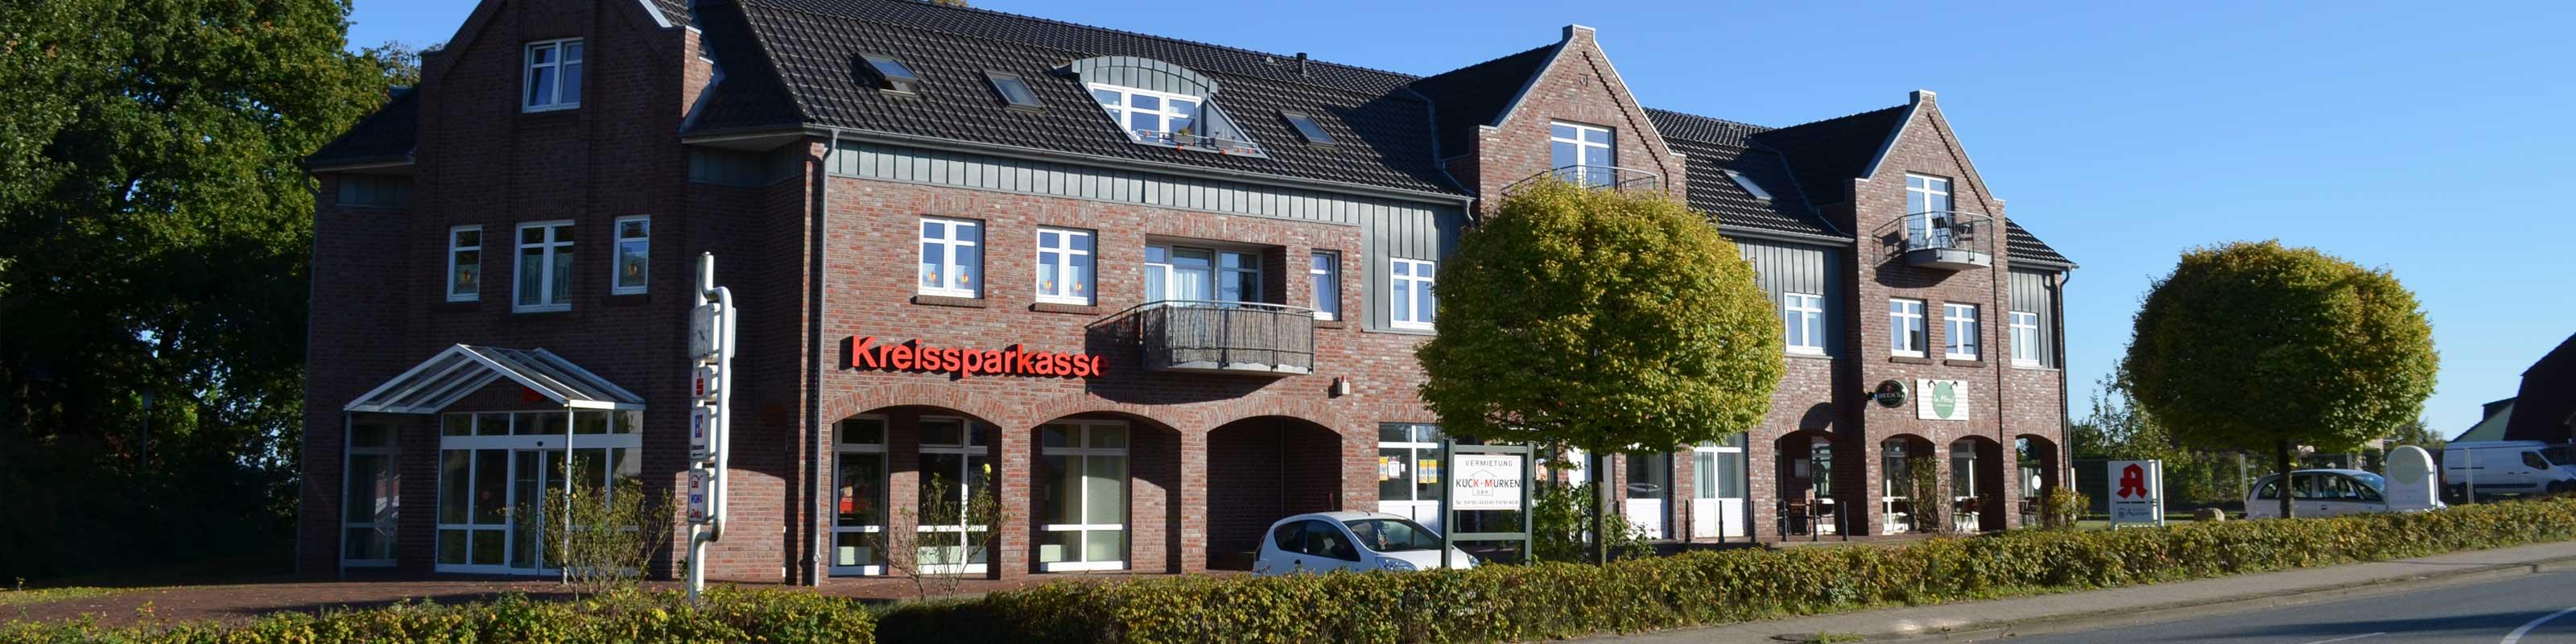 Wohn- und Geschäftshäuser – Helmut Kück Bauunternehmung GmbH